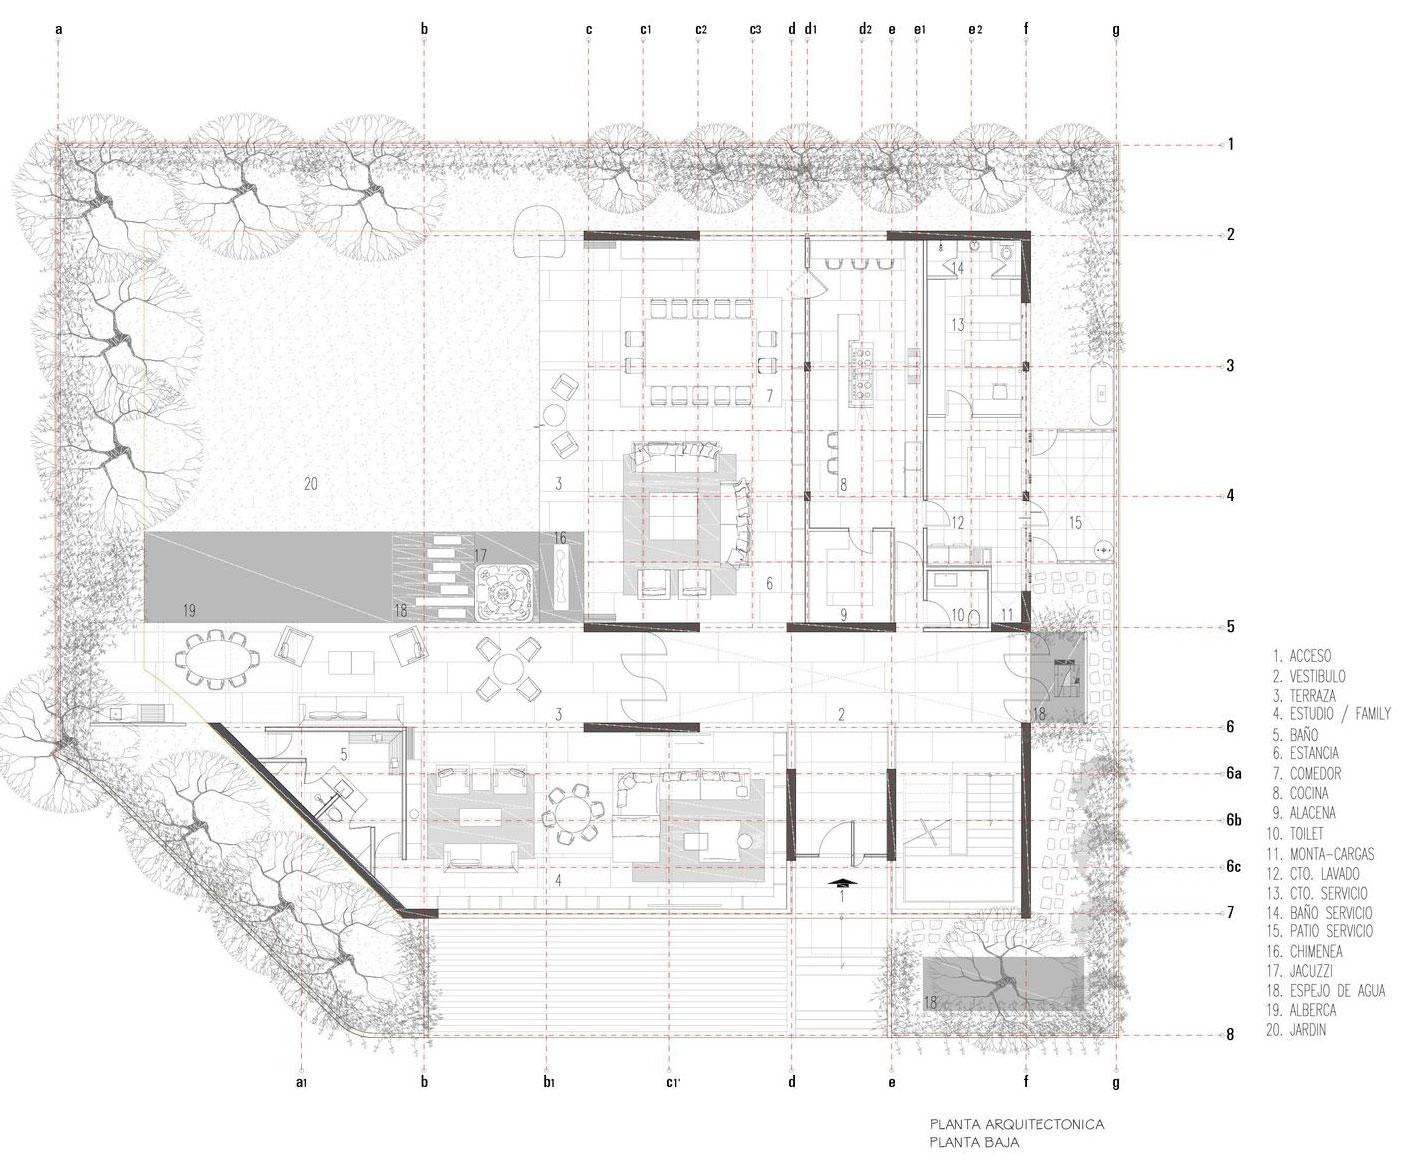 Dalias House grupoarquitectura-28